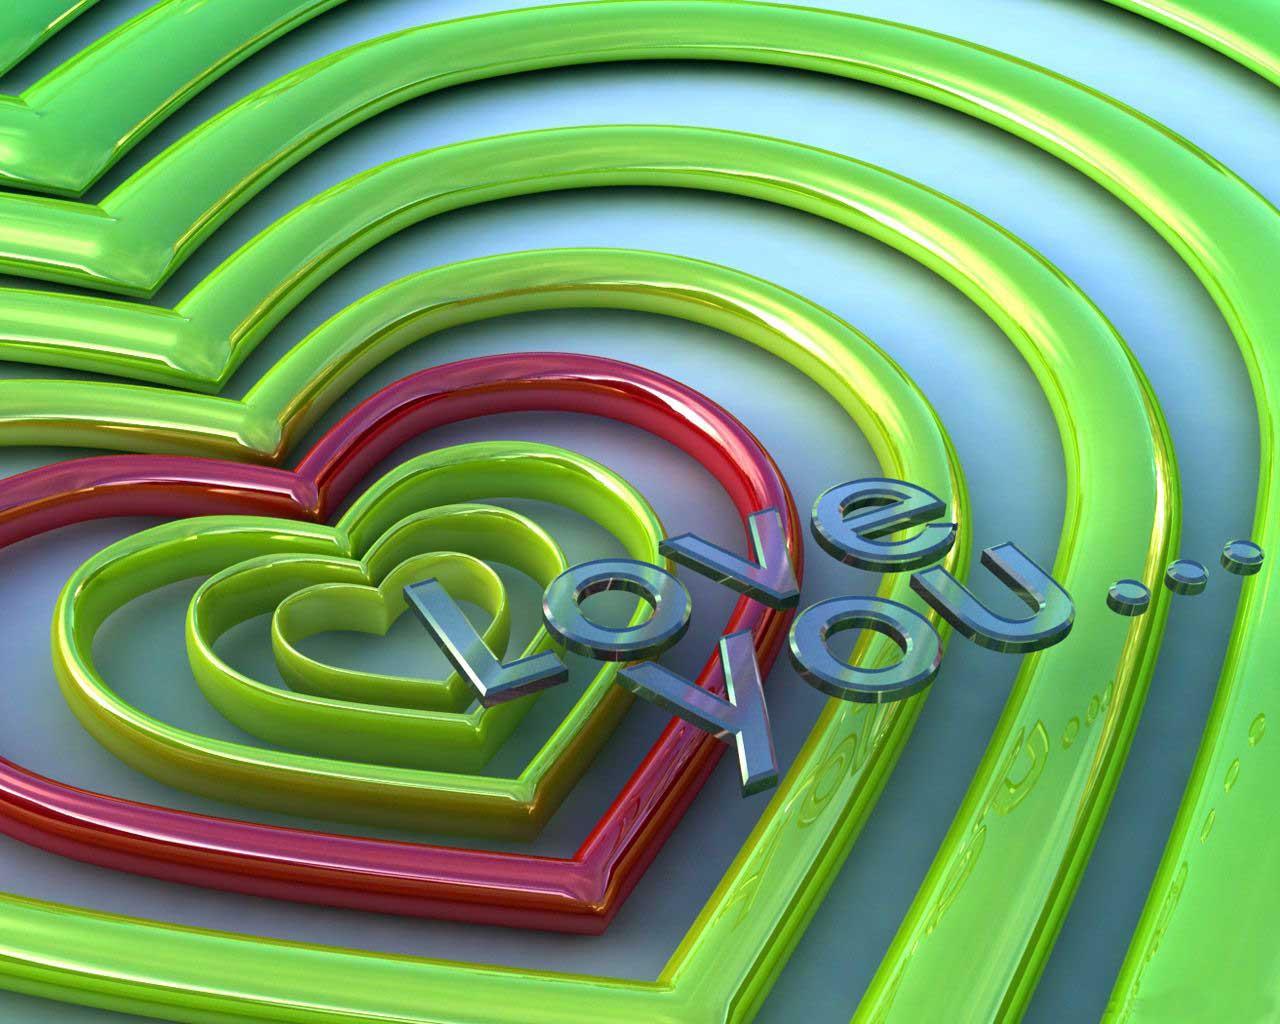 http://3.bp.blogspot.com/-pMi7c6hqaPM/To_eUT_Y5VI/AAAAAAAAAJI/8e1ZlRjc_d0/s1600/stylish-love-you-heart-wallpaper.jpg